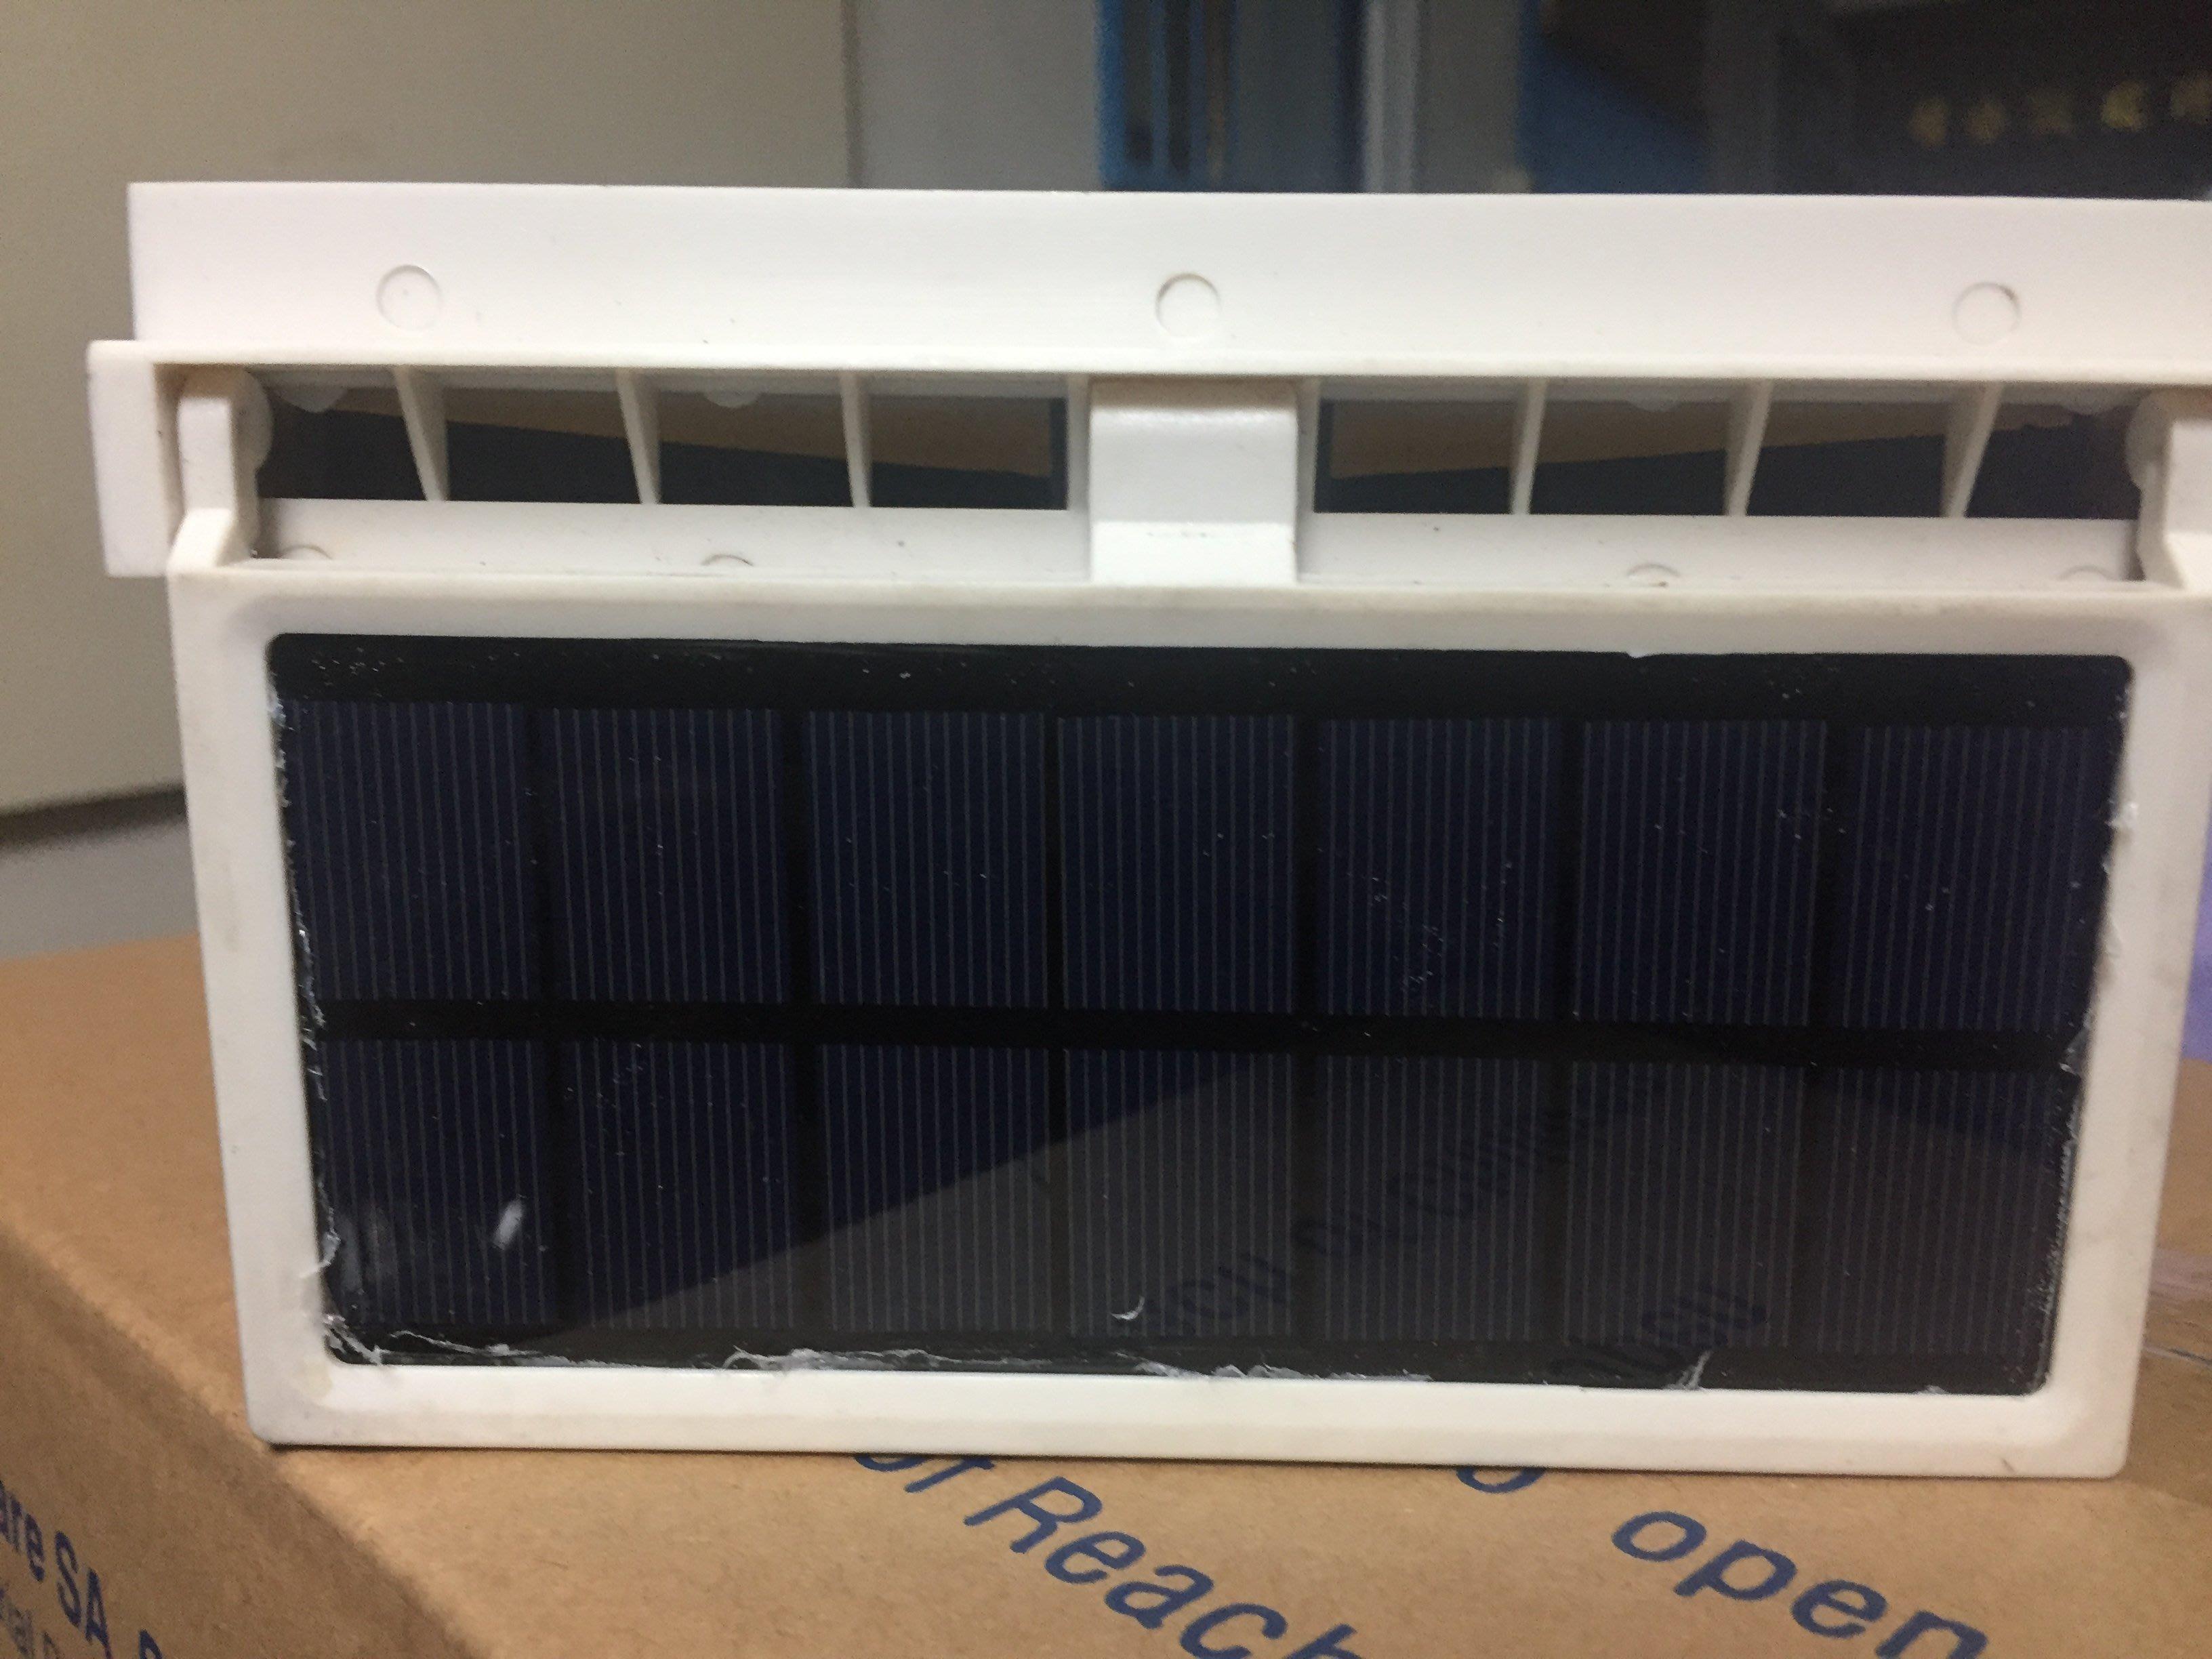 太陽能汽車排風扇 太陽能汽車散熱器 內置充電池 雙換氣散熱風扇